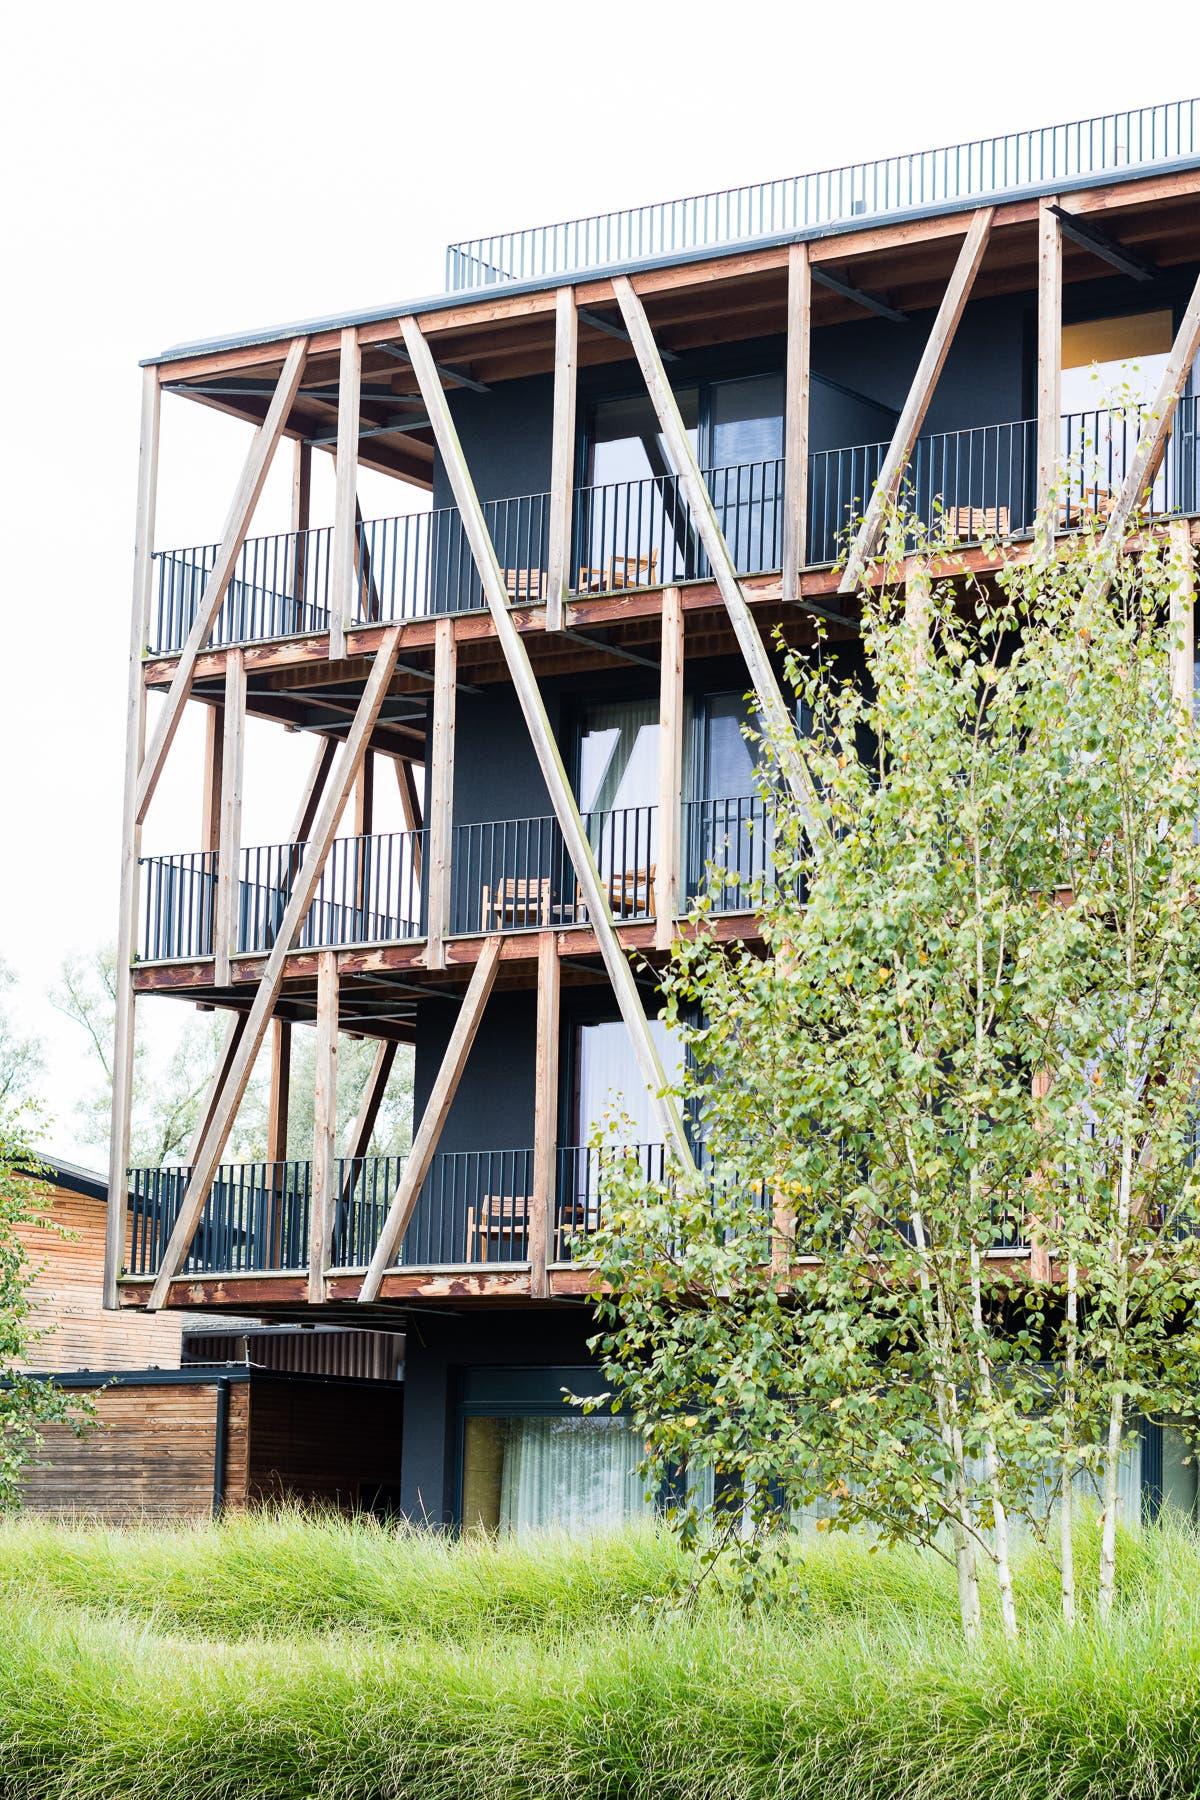 Wellnesshotel mit Holzfassade und einem Baum davor.